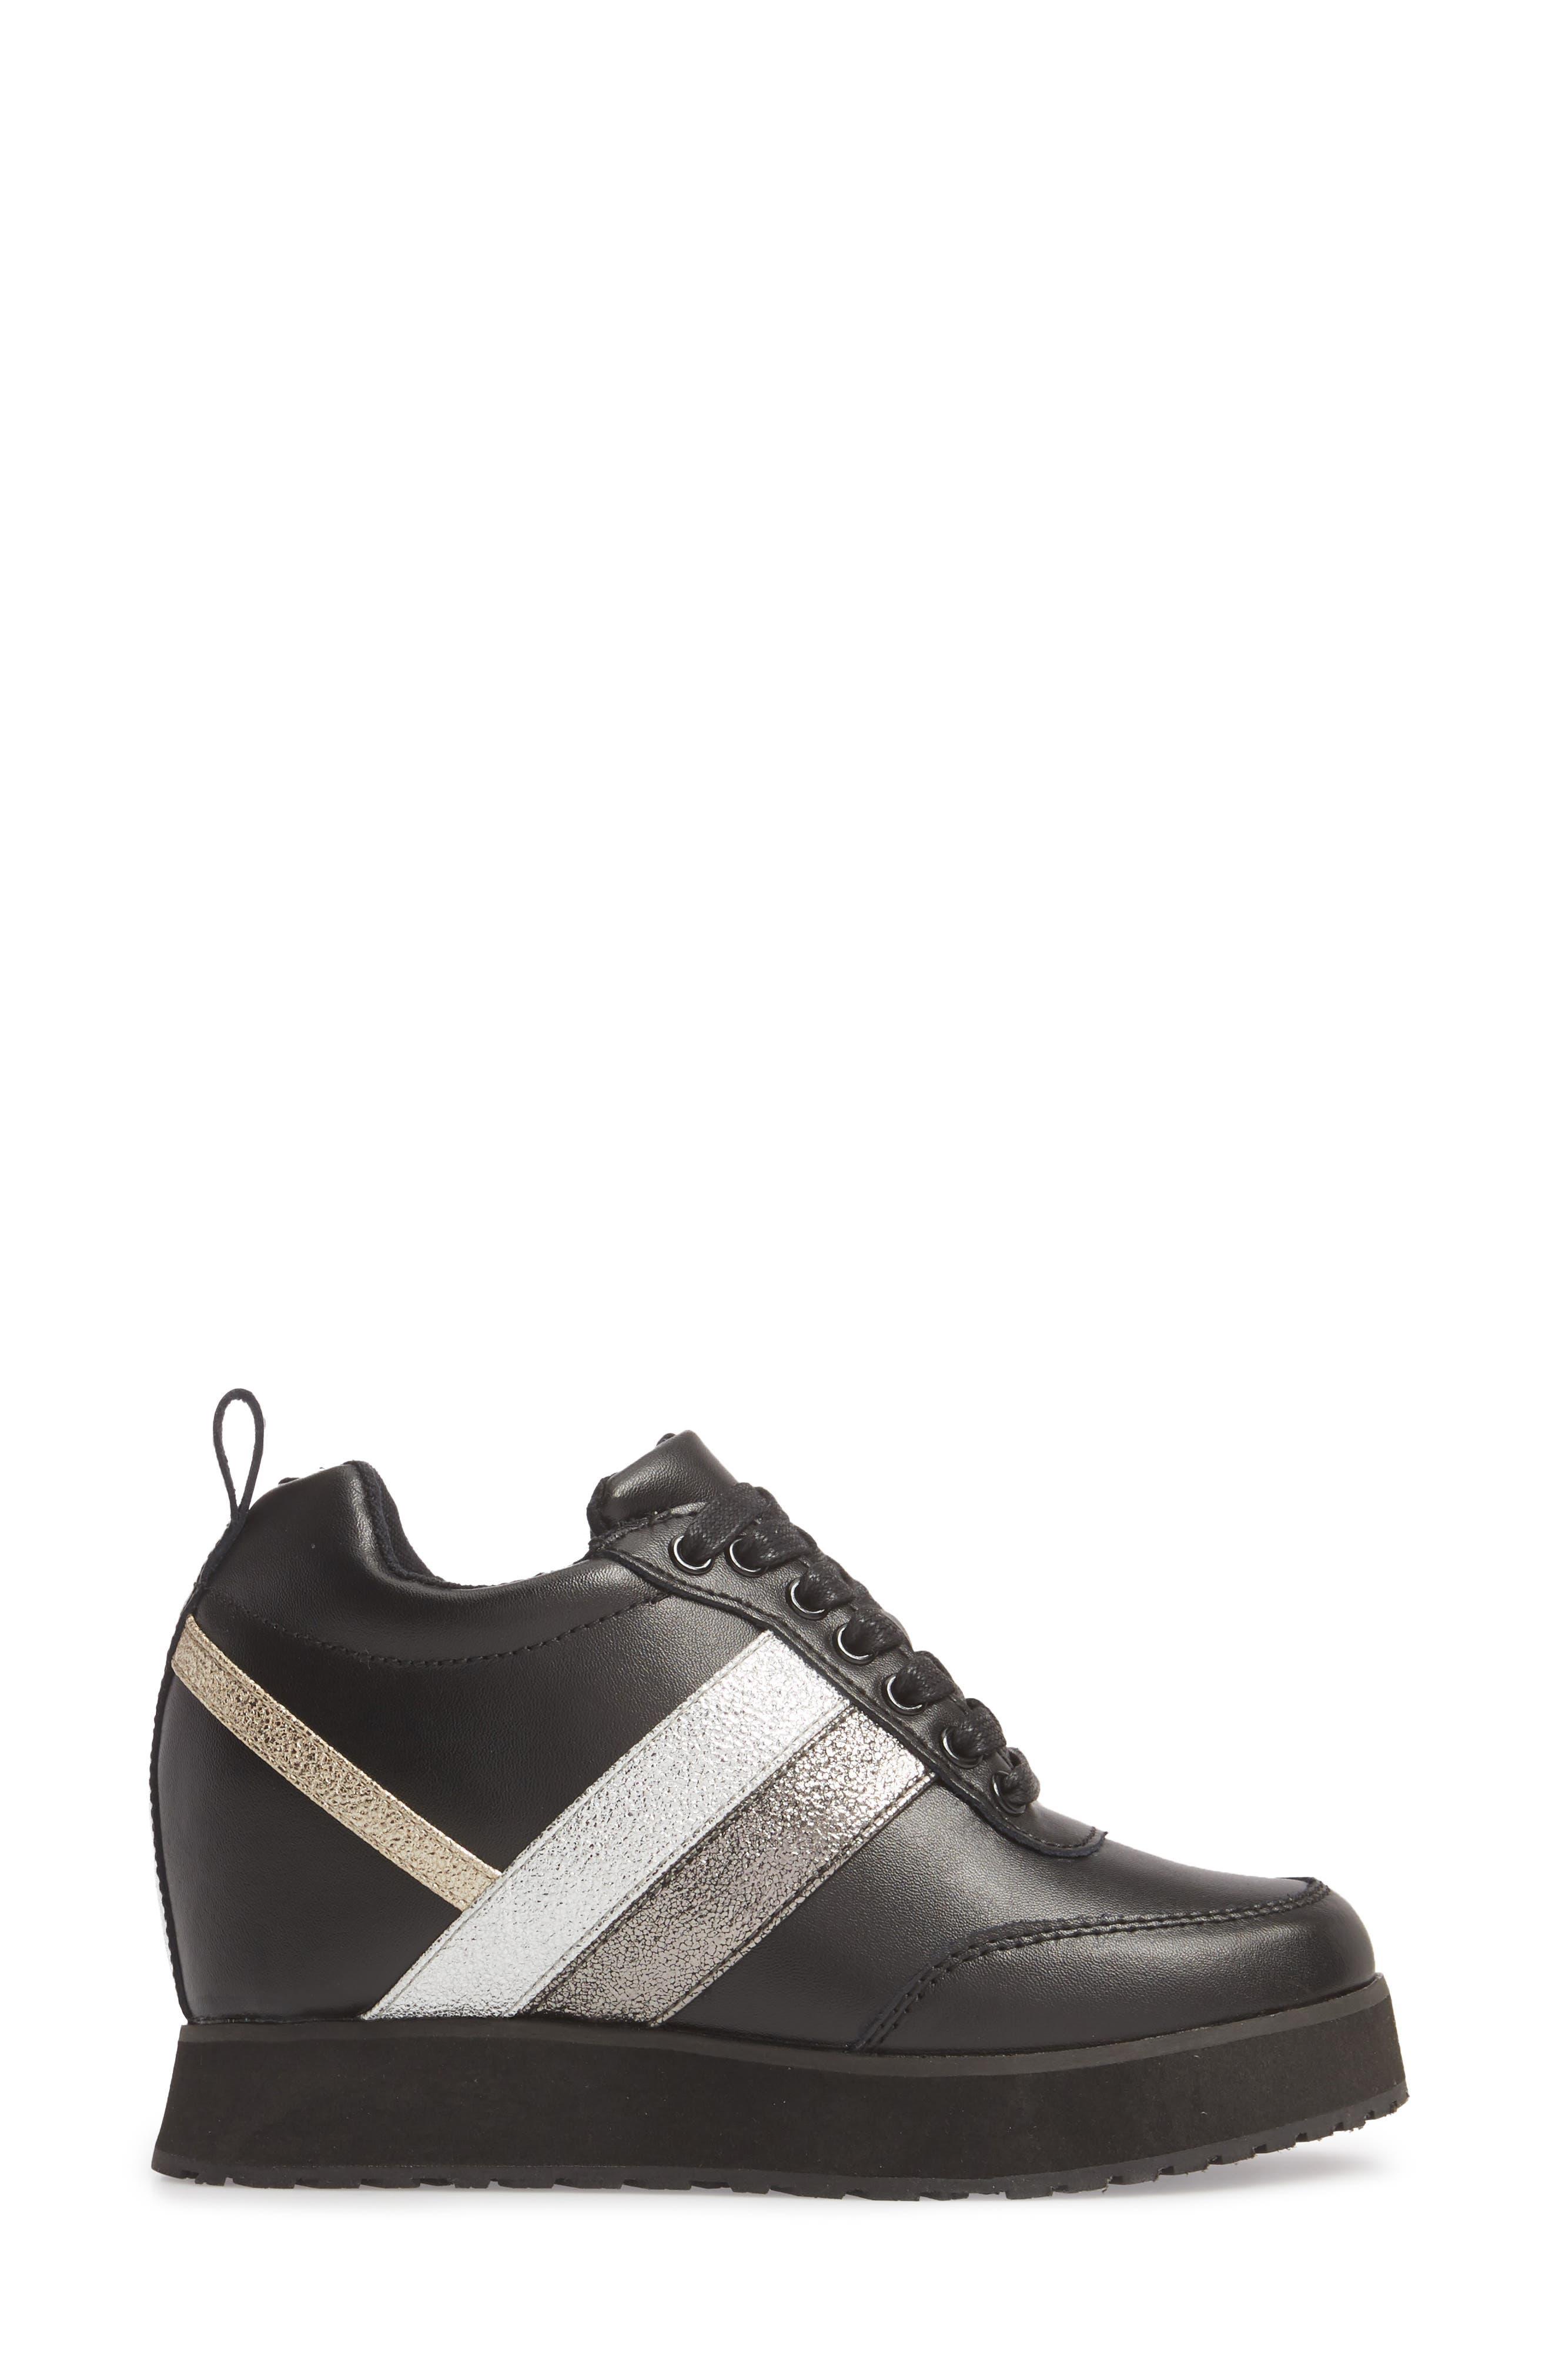 Sarita Hidden Wedge Sneaker,                             Alternate thumbnail 3, color,                             BLACK